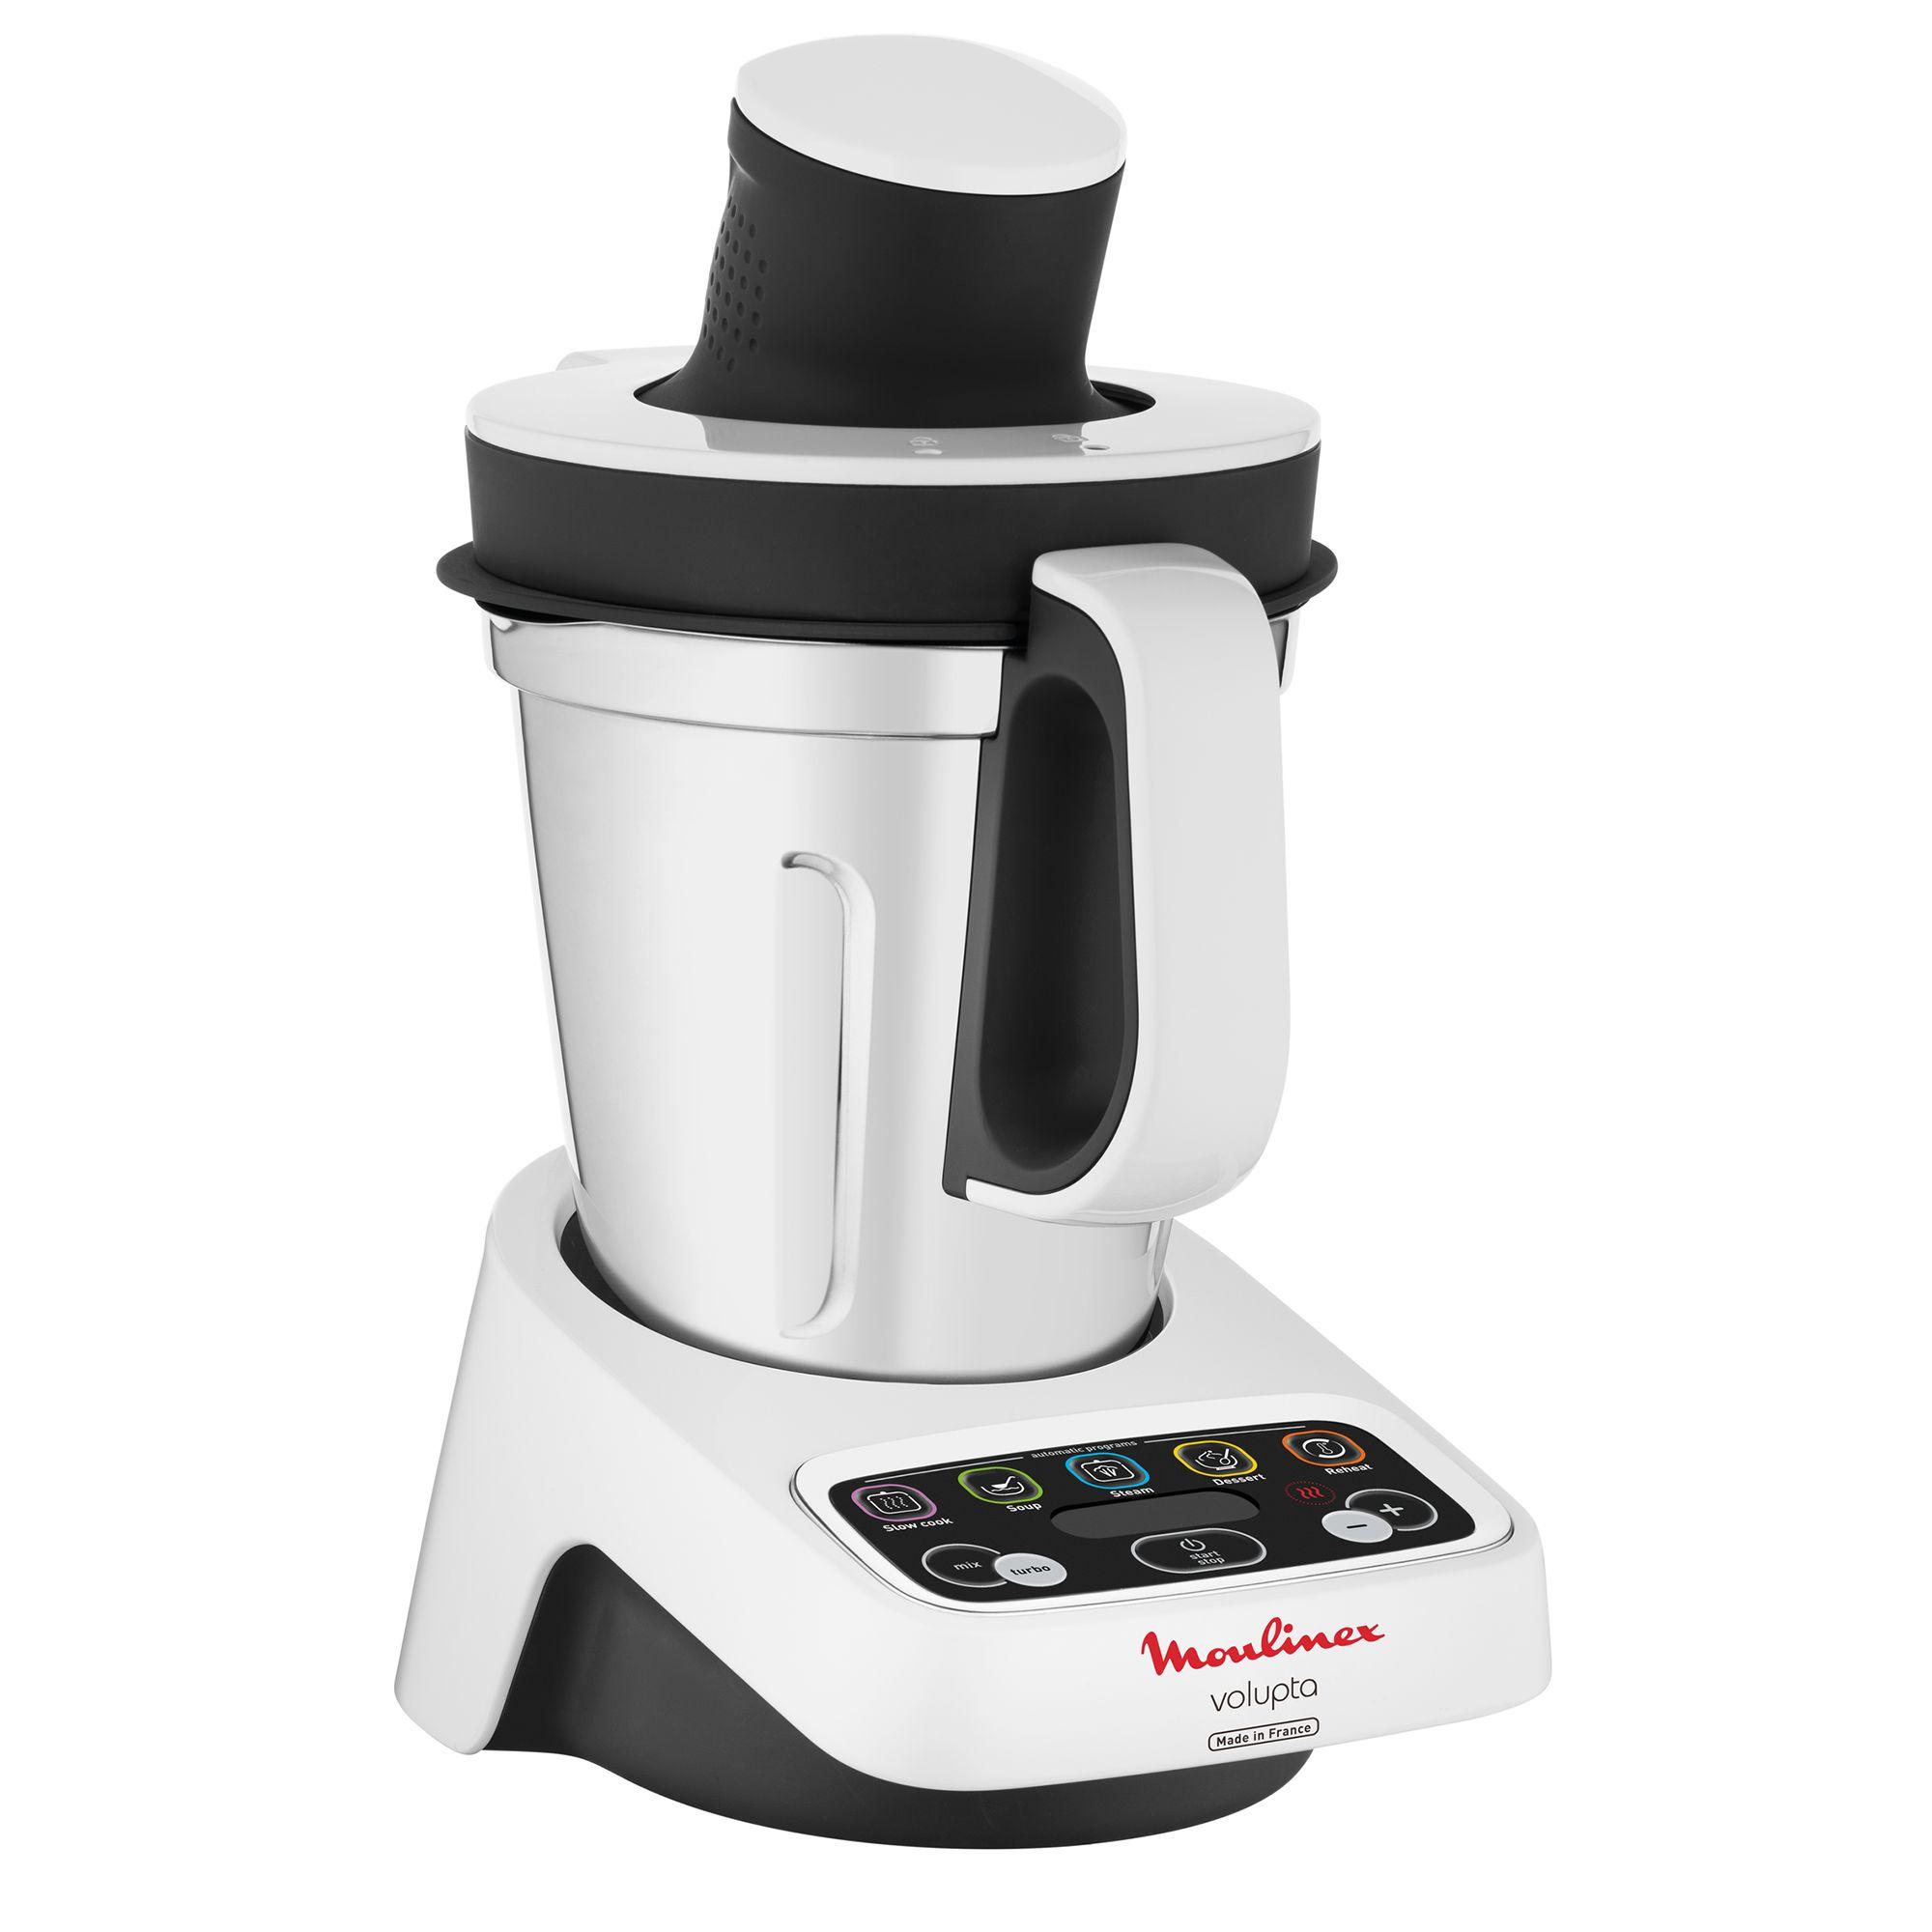 Moulinex Volupta Küchenmaschine mit Kochfunktion inkl. 50 Rezepten, als Neukunde mit 10€-Gutschein